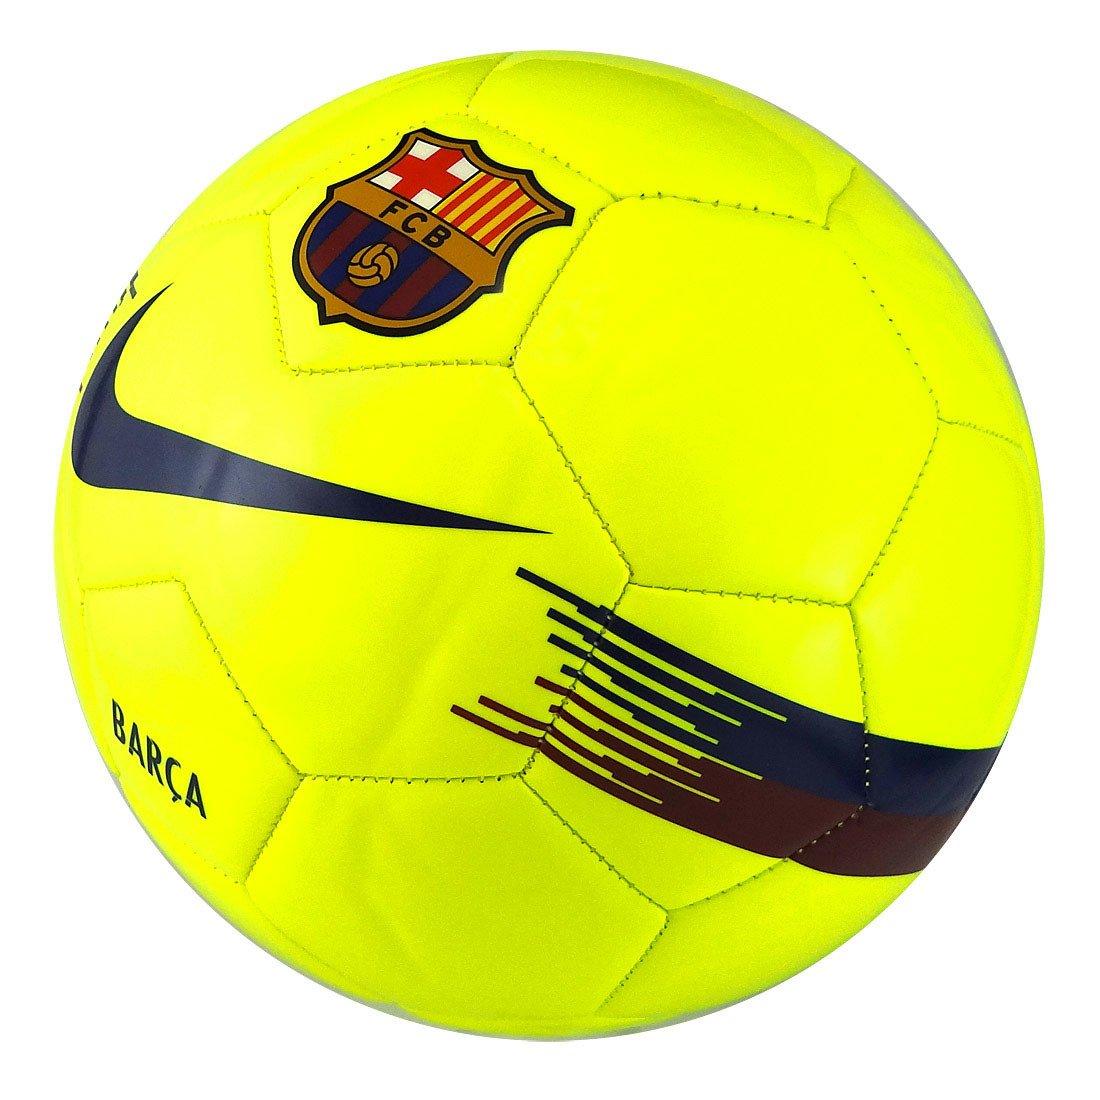 5e766d3b8 Kliknij, aby powiększyć · Piłka nożna Nike FC Barcelona Supportes Football  SC3291-702 r5 Kliknij, aby powiększyć